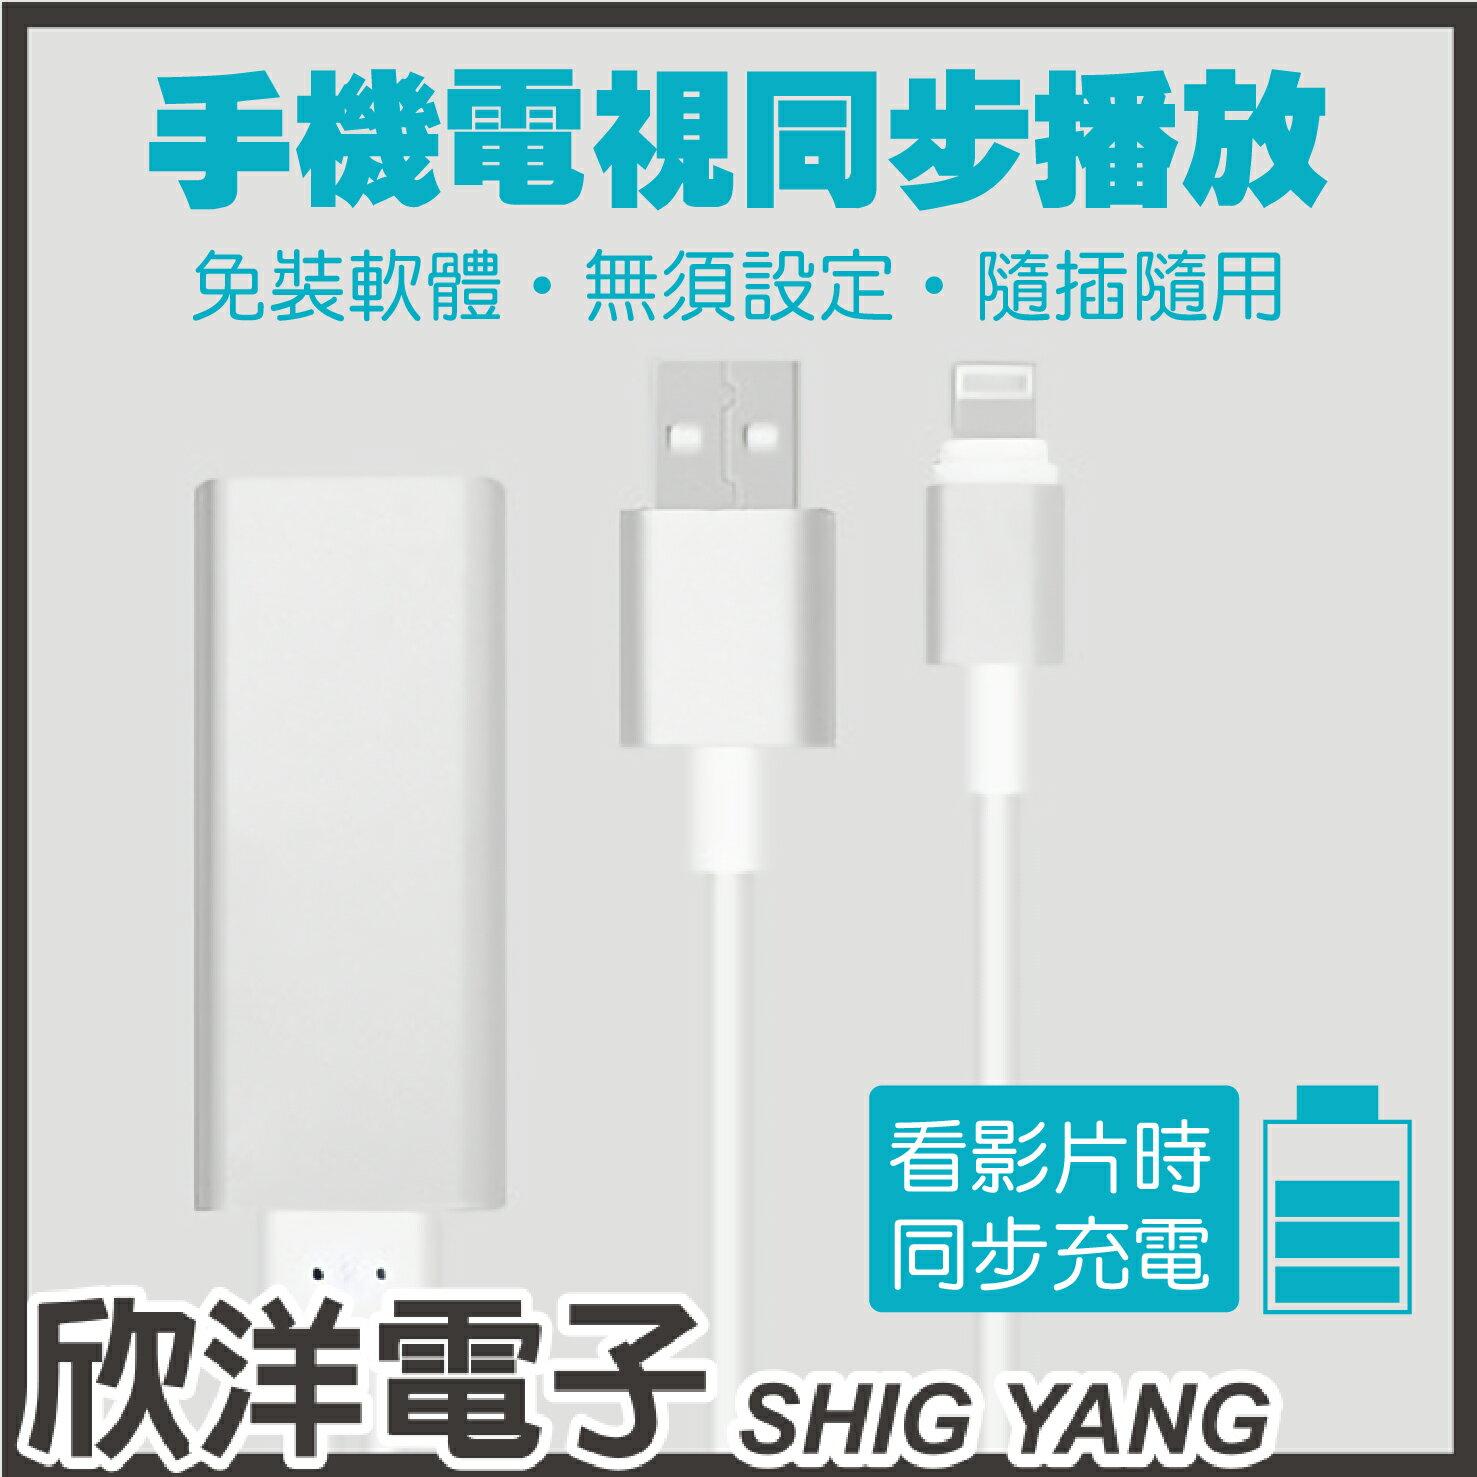 ※ 欣洋電子 ※ A-GOOD 手機轉電視HDMI影音傳輸線/適用iPhone/iPad系列 (W-I9600)